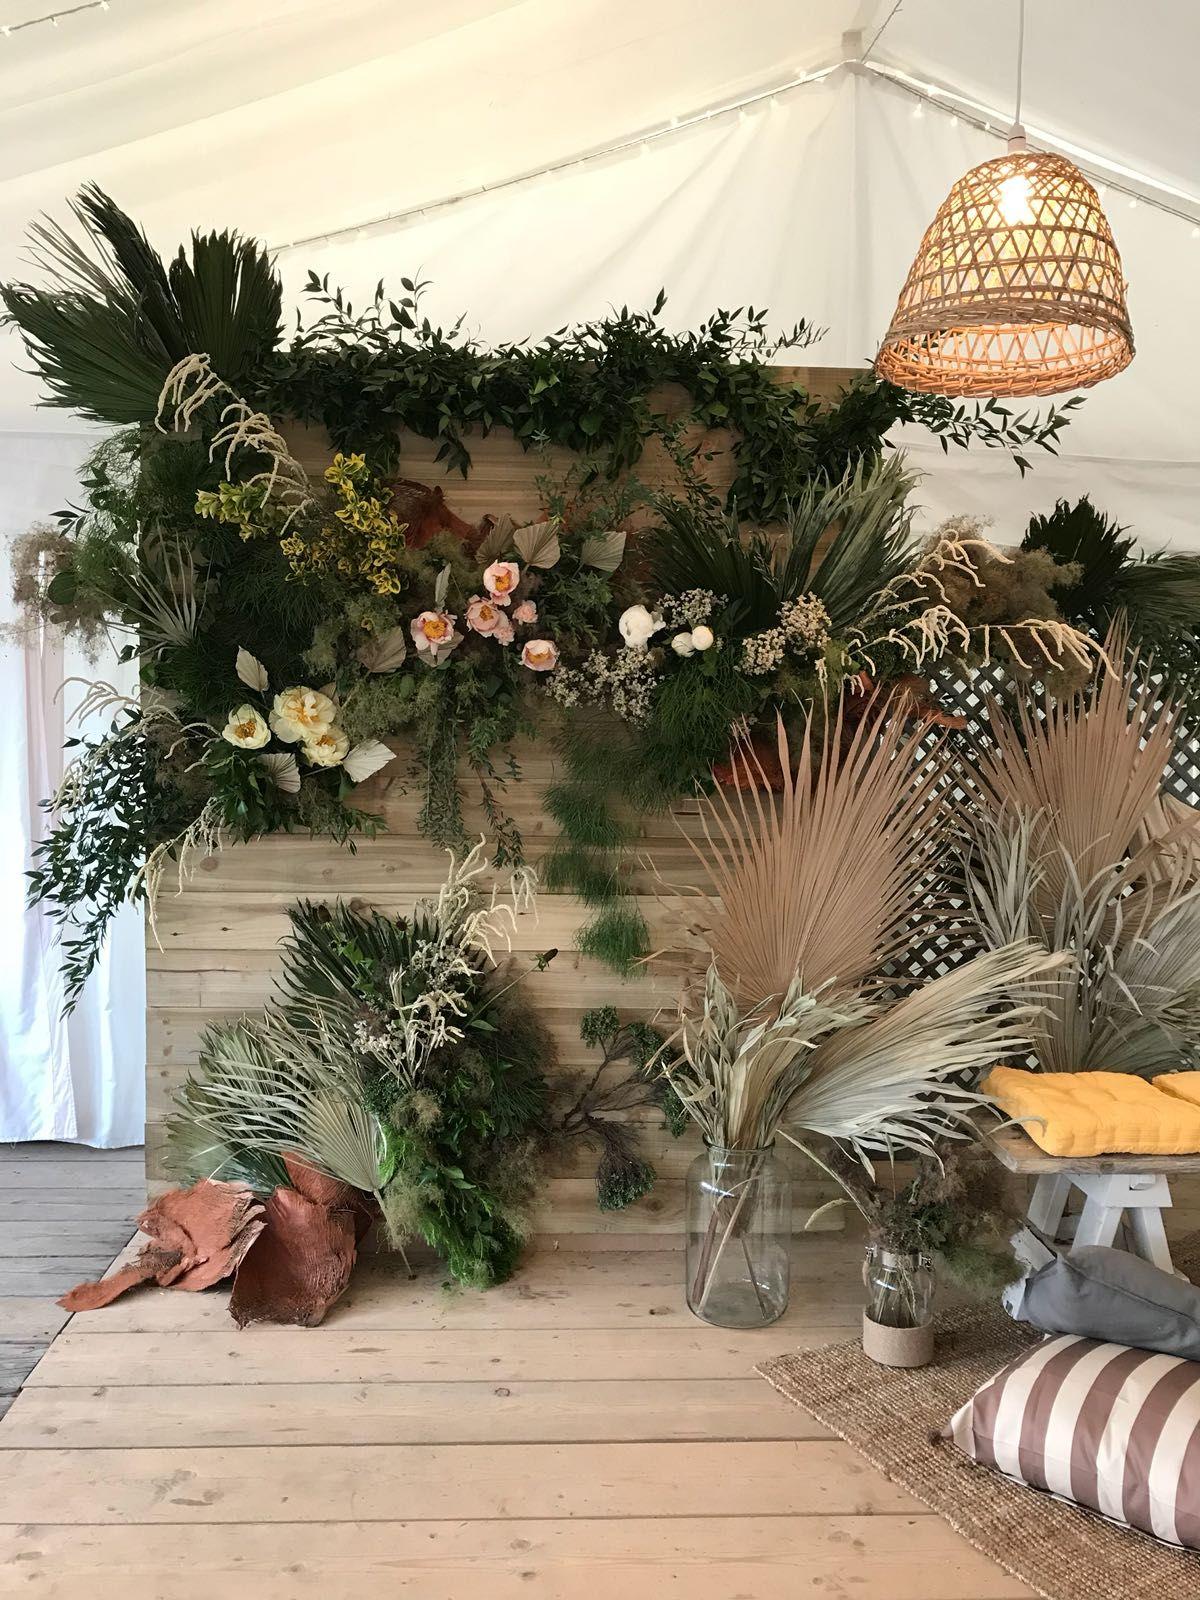 Foliage And Floral Wall Installation Made From Natural Wodden Pallets And Fresh And Dried Elements Florals Dekorasi Pernikahan Dekorasi Perkawinan Pernikahan